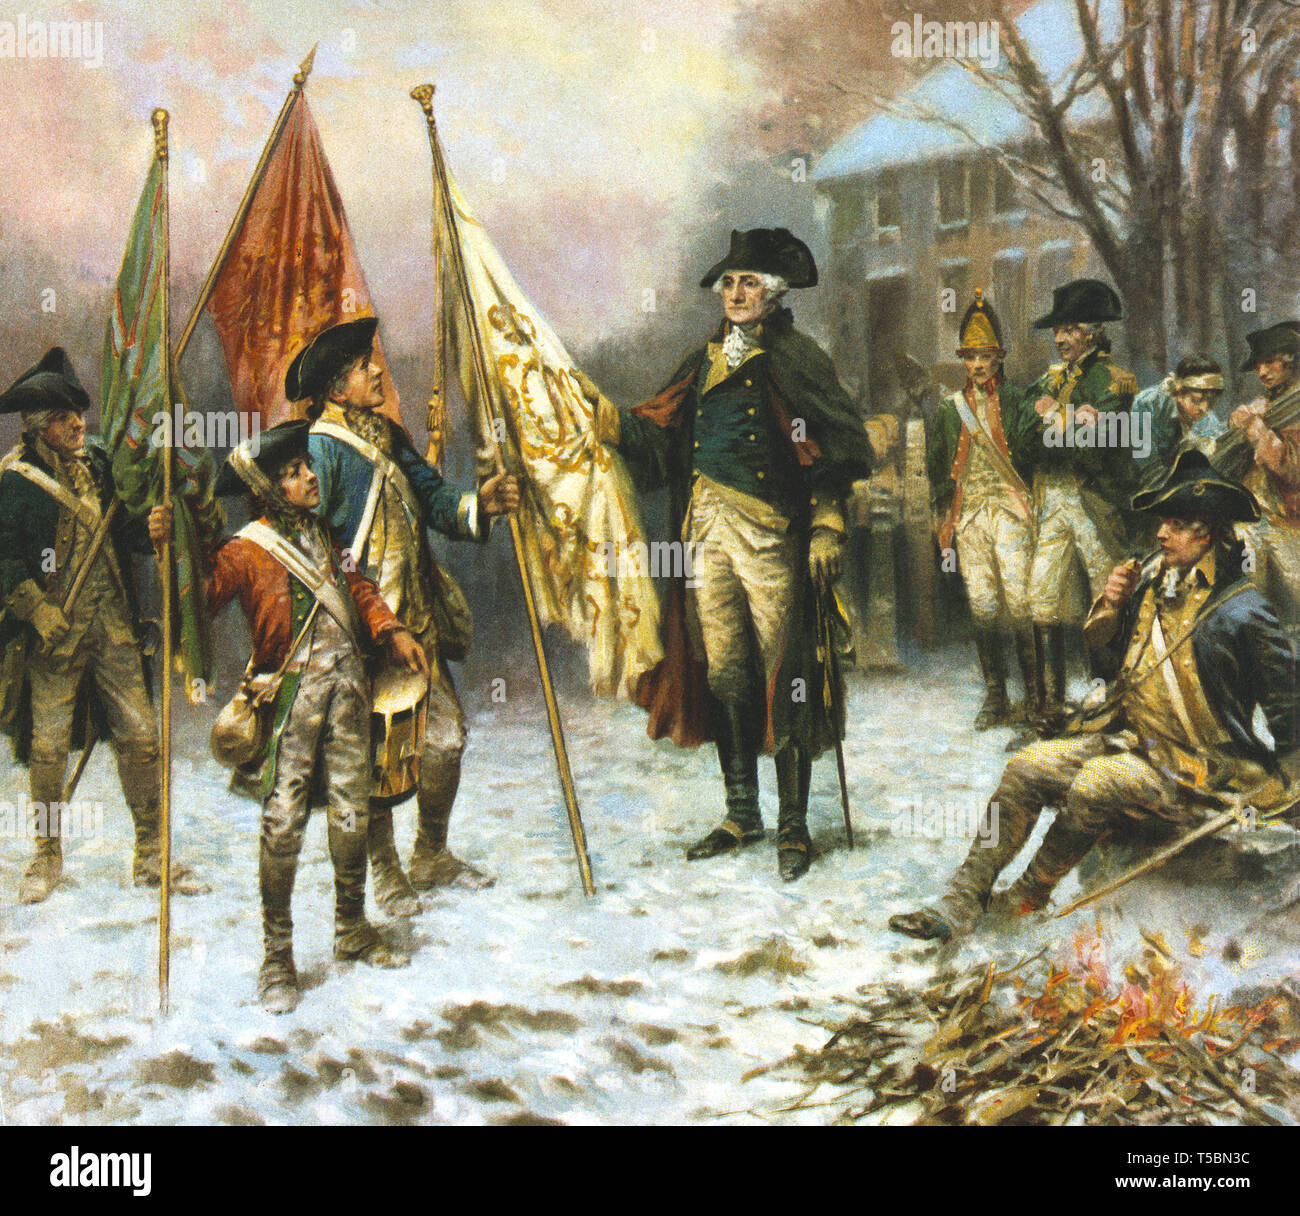 El General George Washington con un grupo de soldados de pie mirando las banderas capturadas de los británicos durante la batalla de Trenton, 1776 Litografía por Hayes Litho Co de una pintura por Percy Moran, 1914 Foto de stock